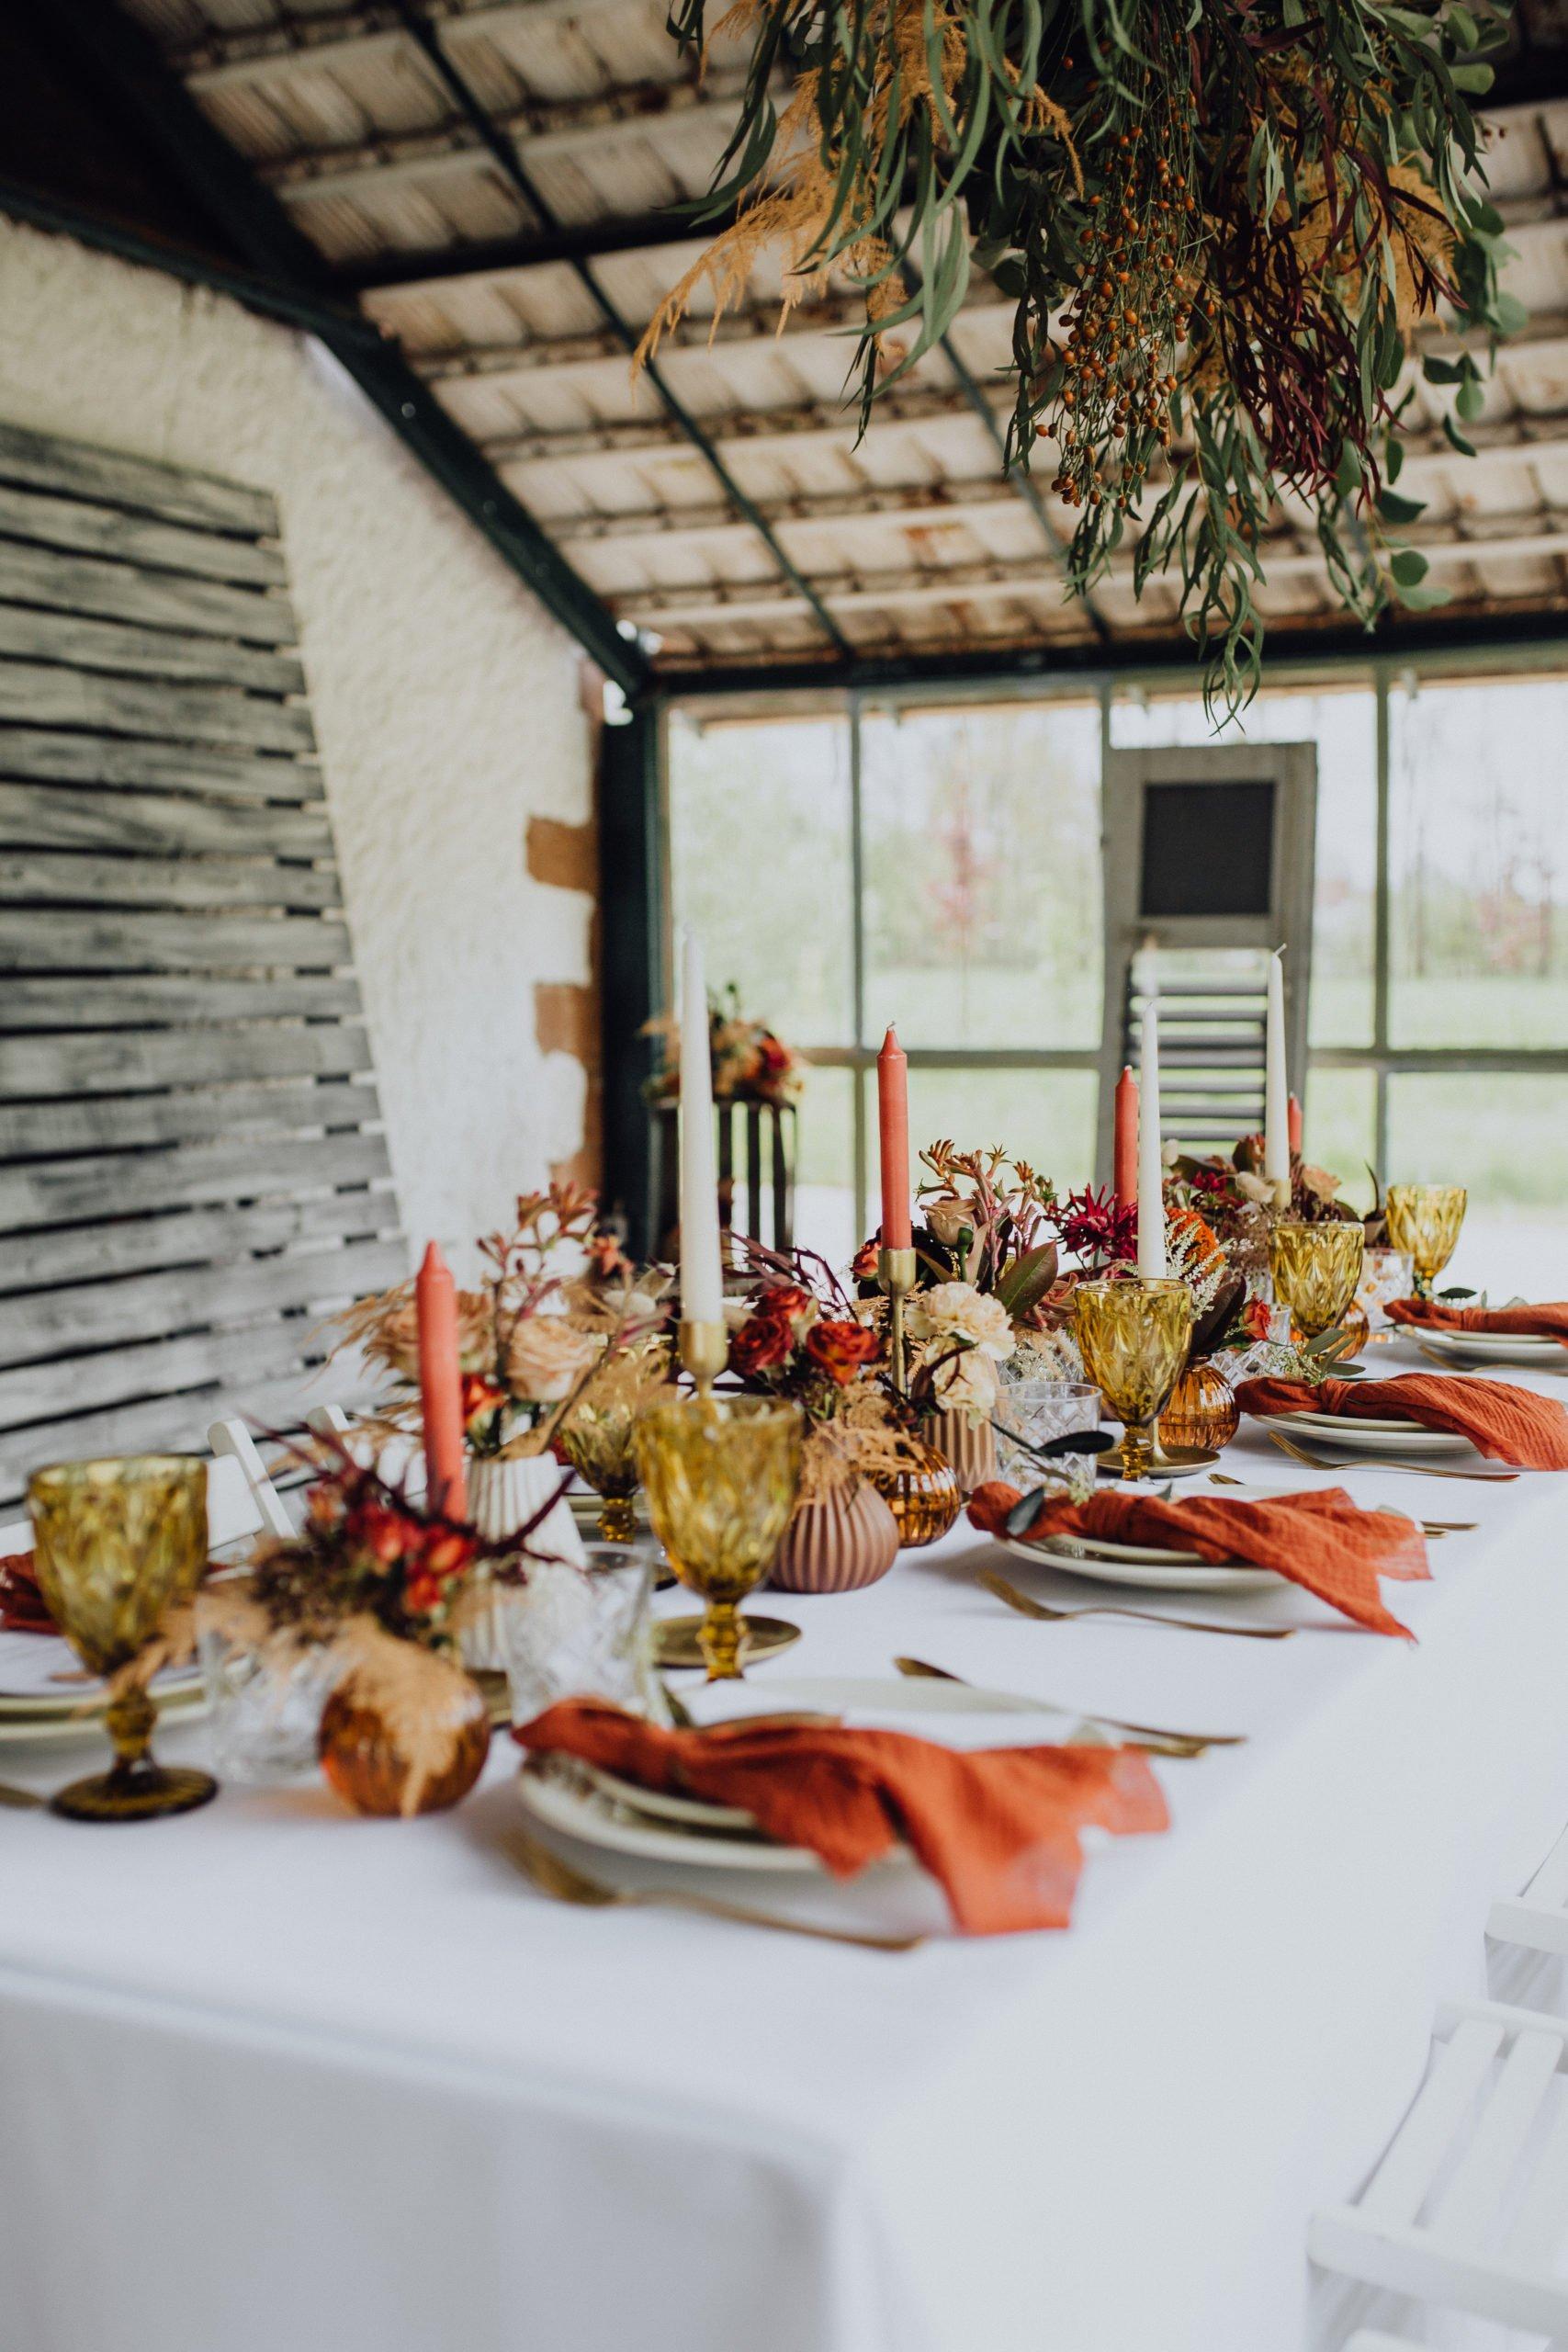 Tischdeko passend zu einer Spätsommer Hochzeit in warmen Herbsttönen